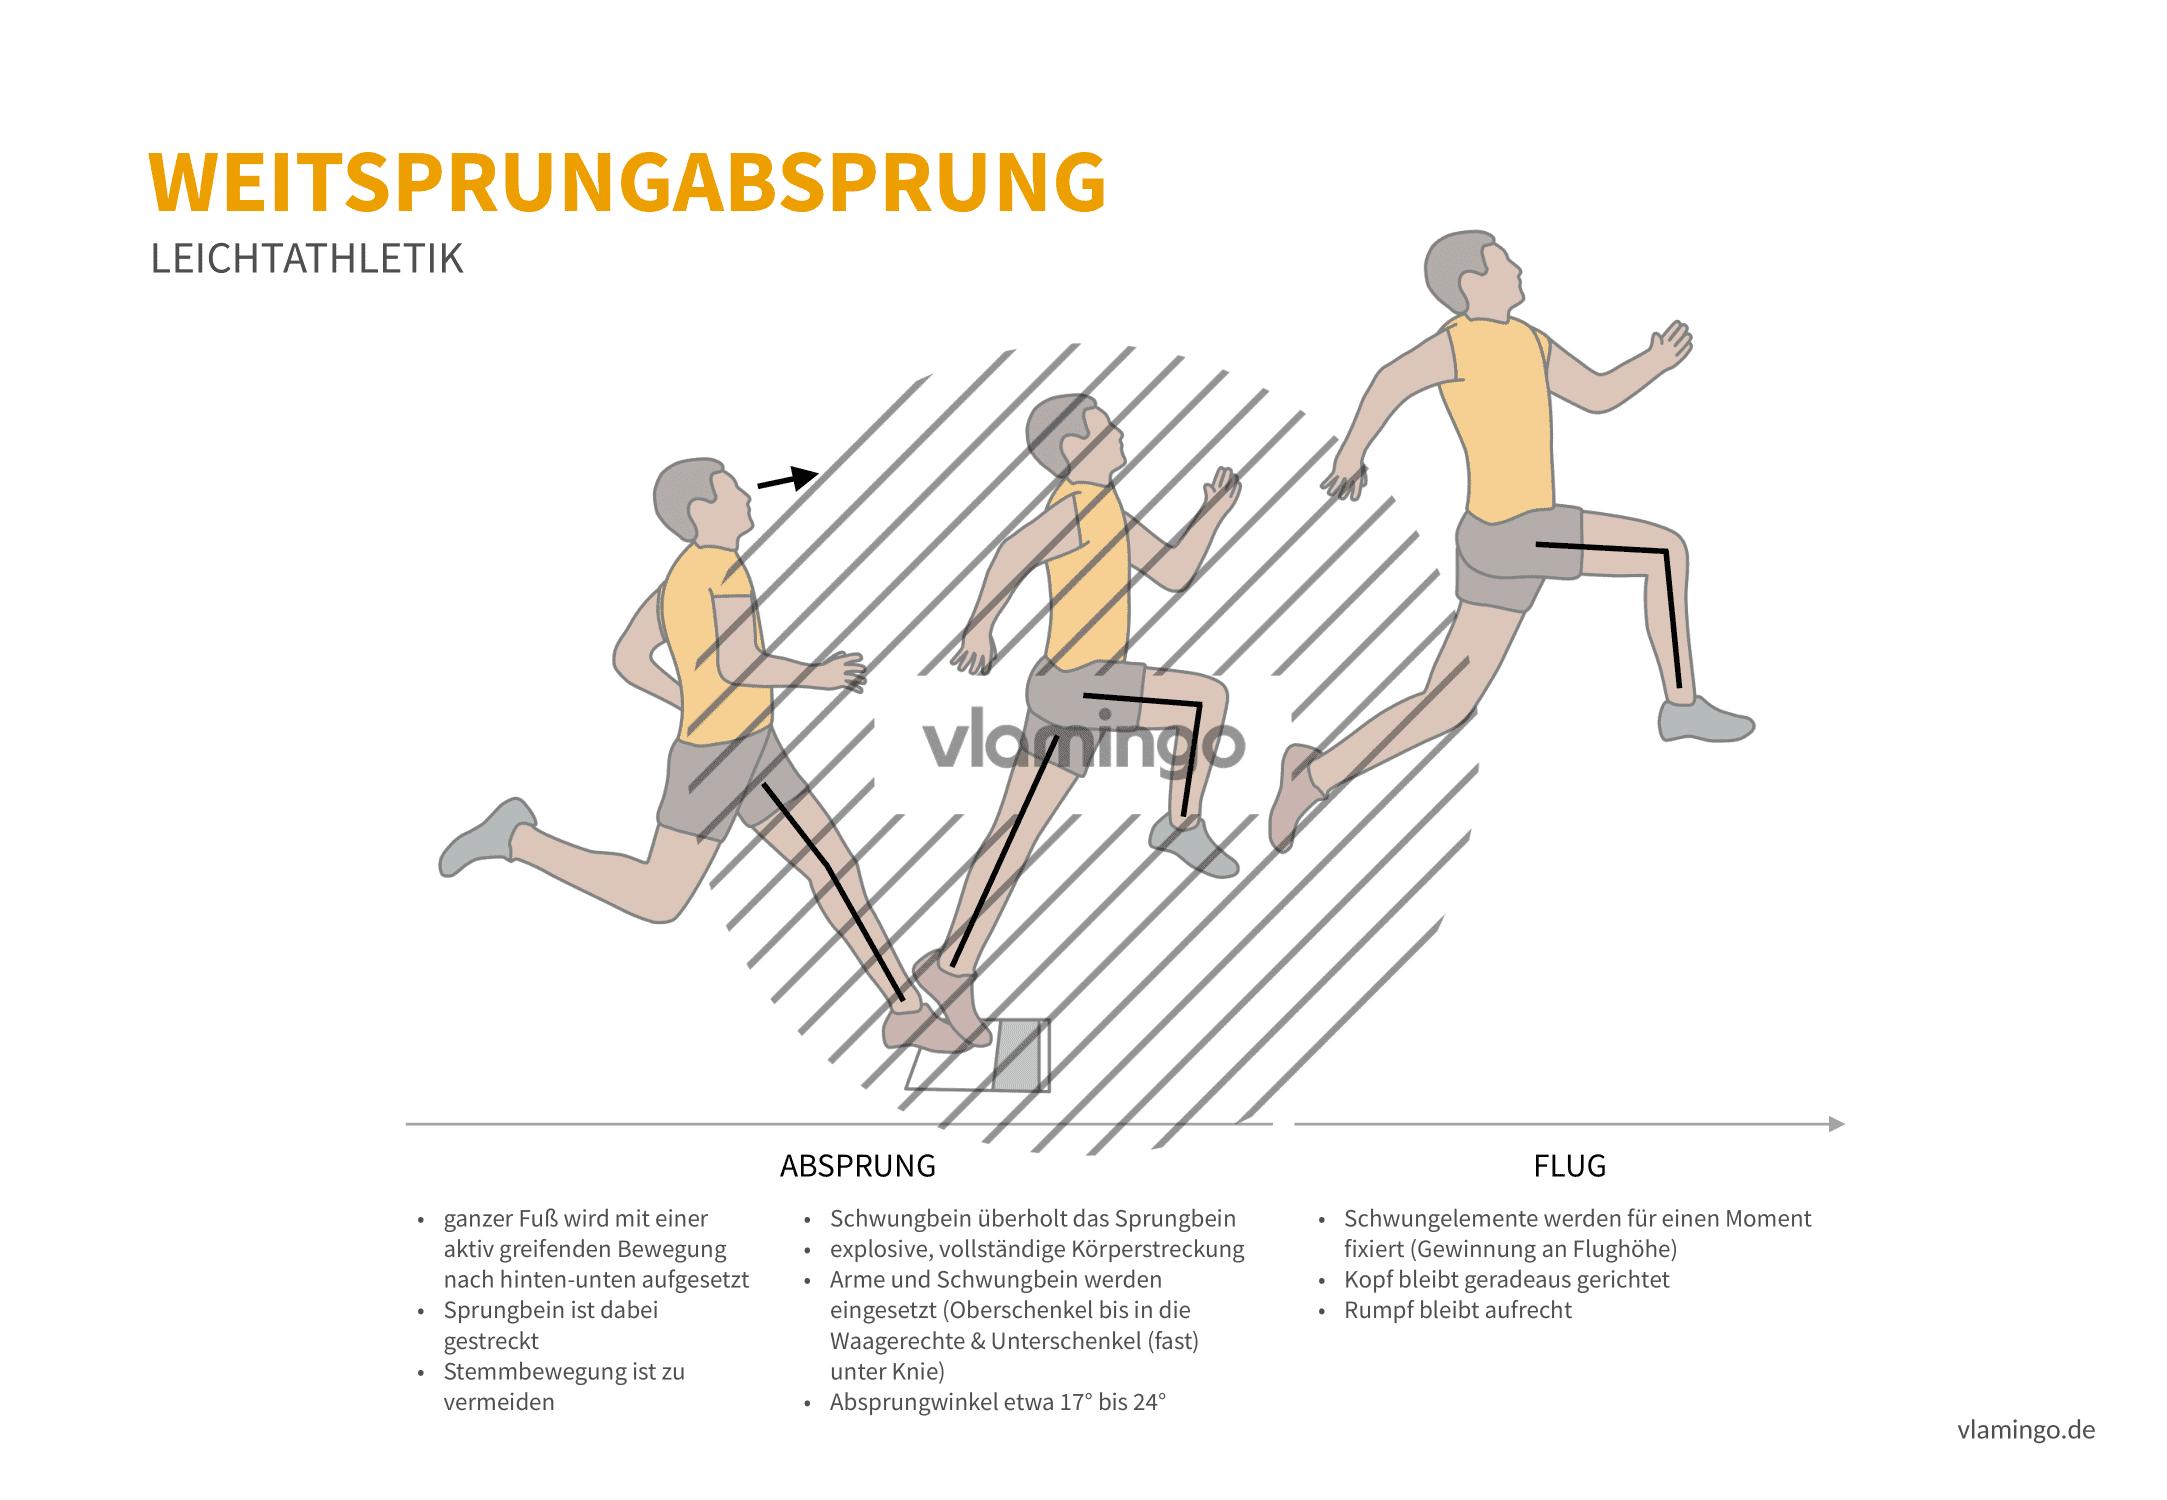 Weitsprung Absprung (Bewegungsanalyse) - Leichtathletik